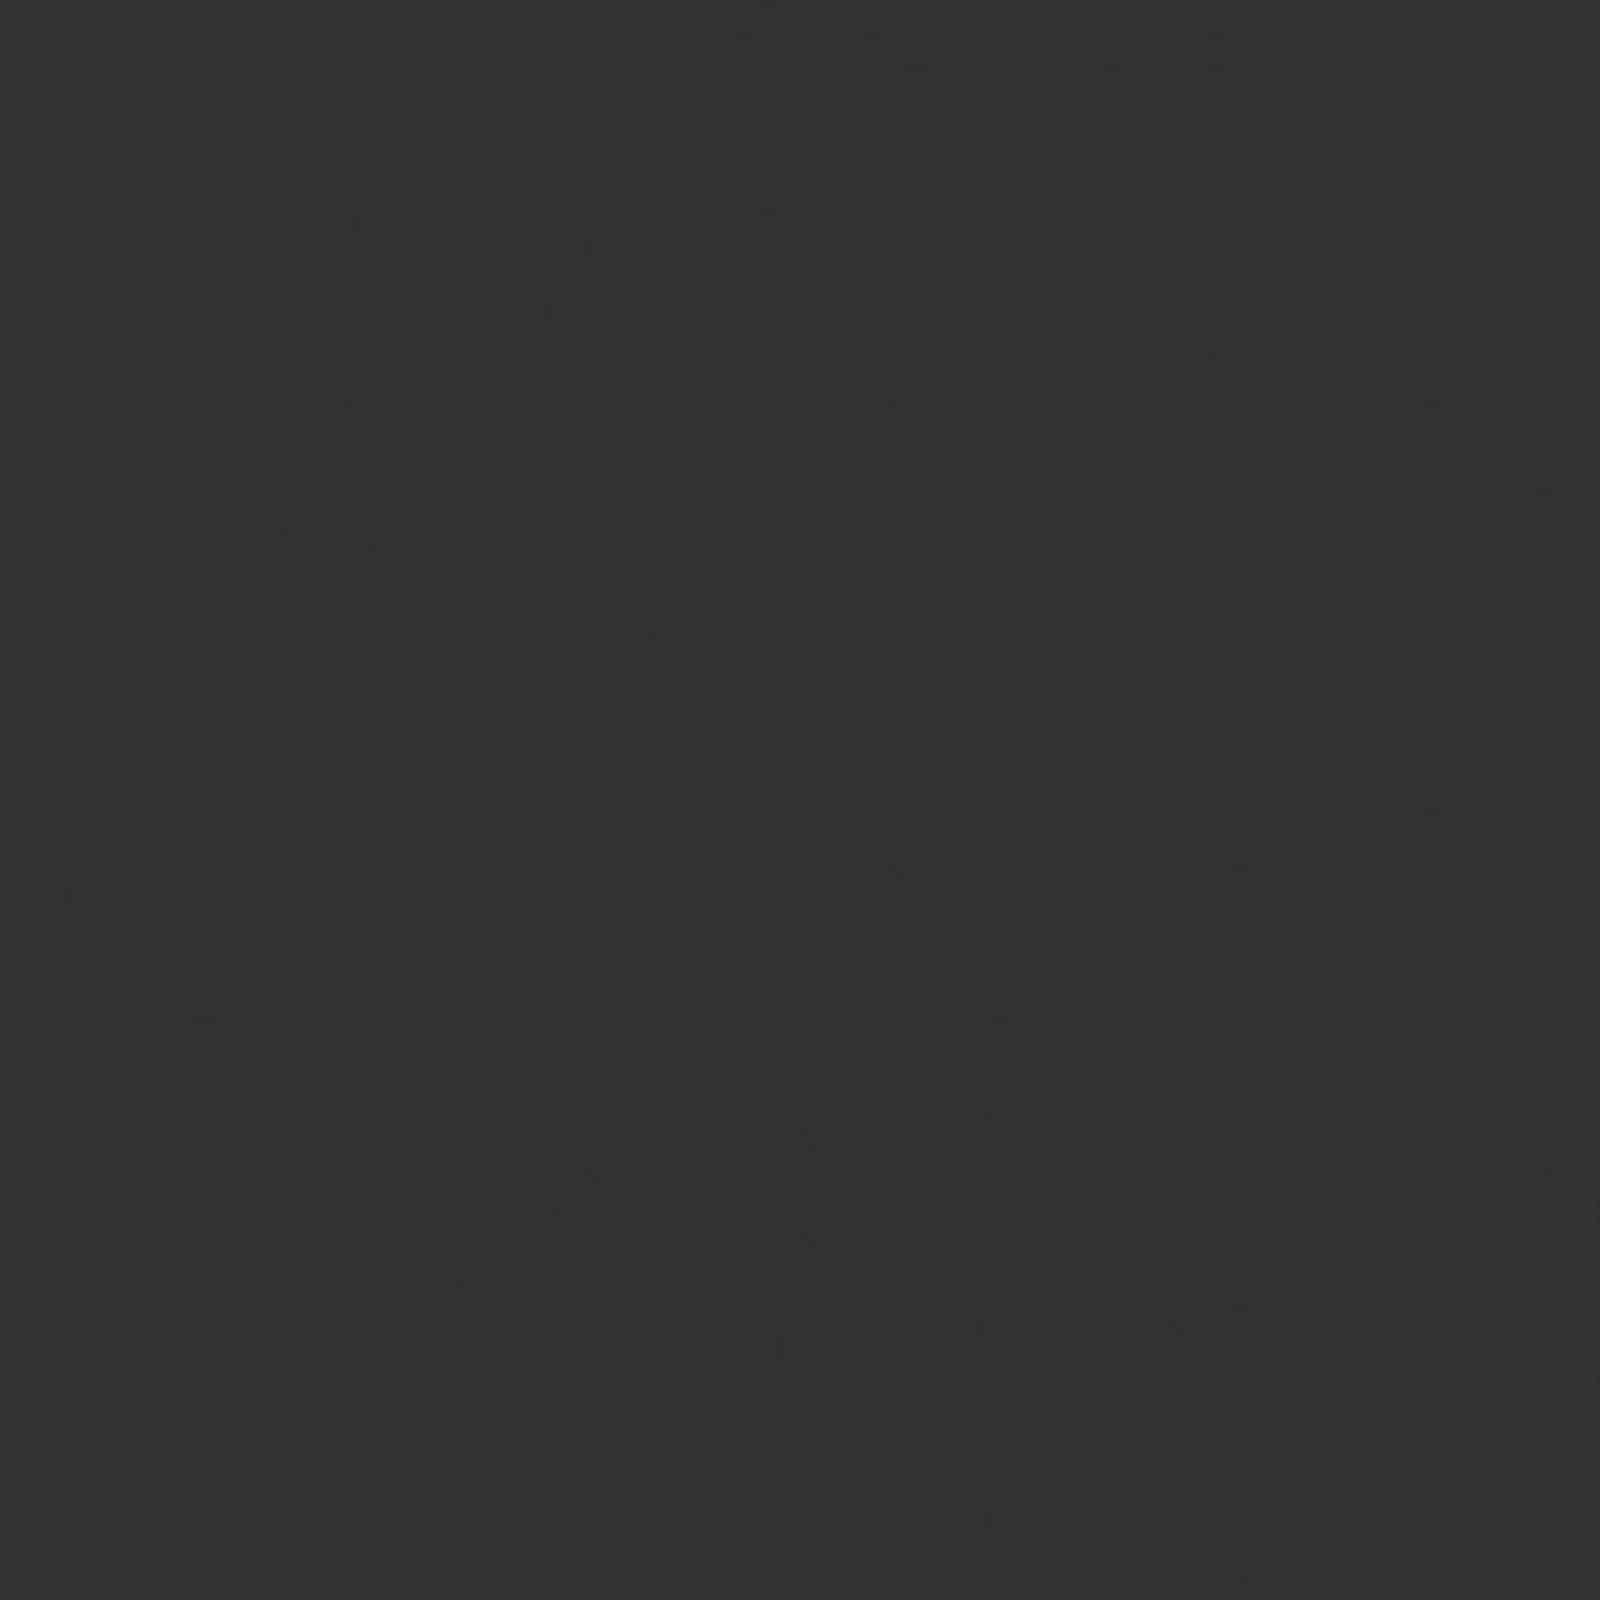 Плитка обл. 200х200х7мм Моноколор черная мат, Unitile